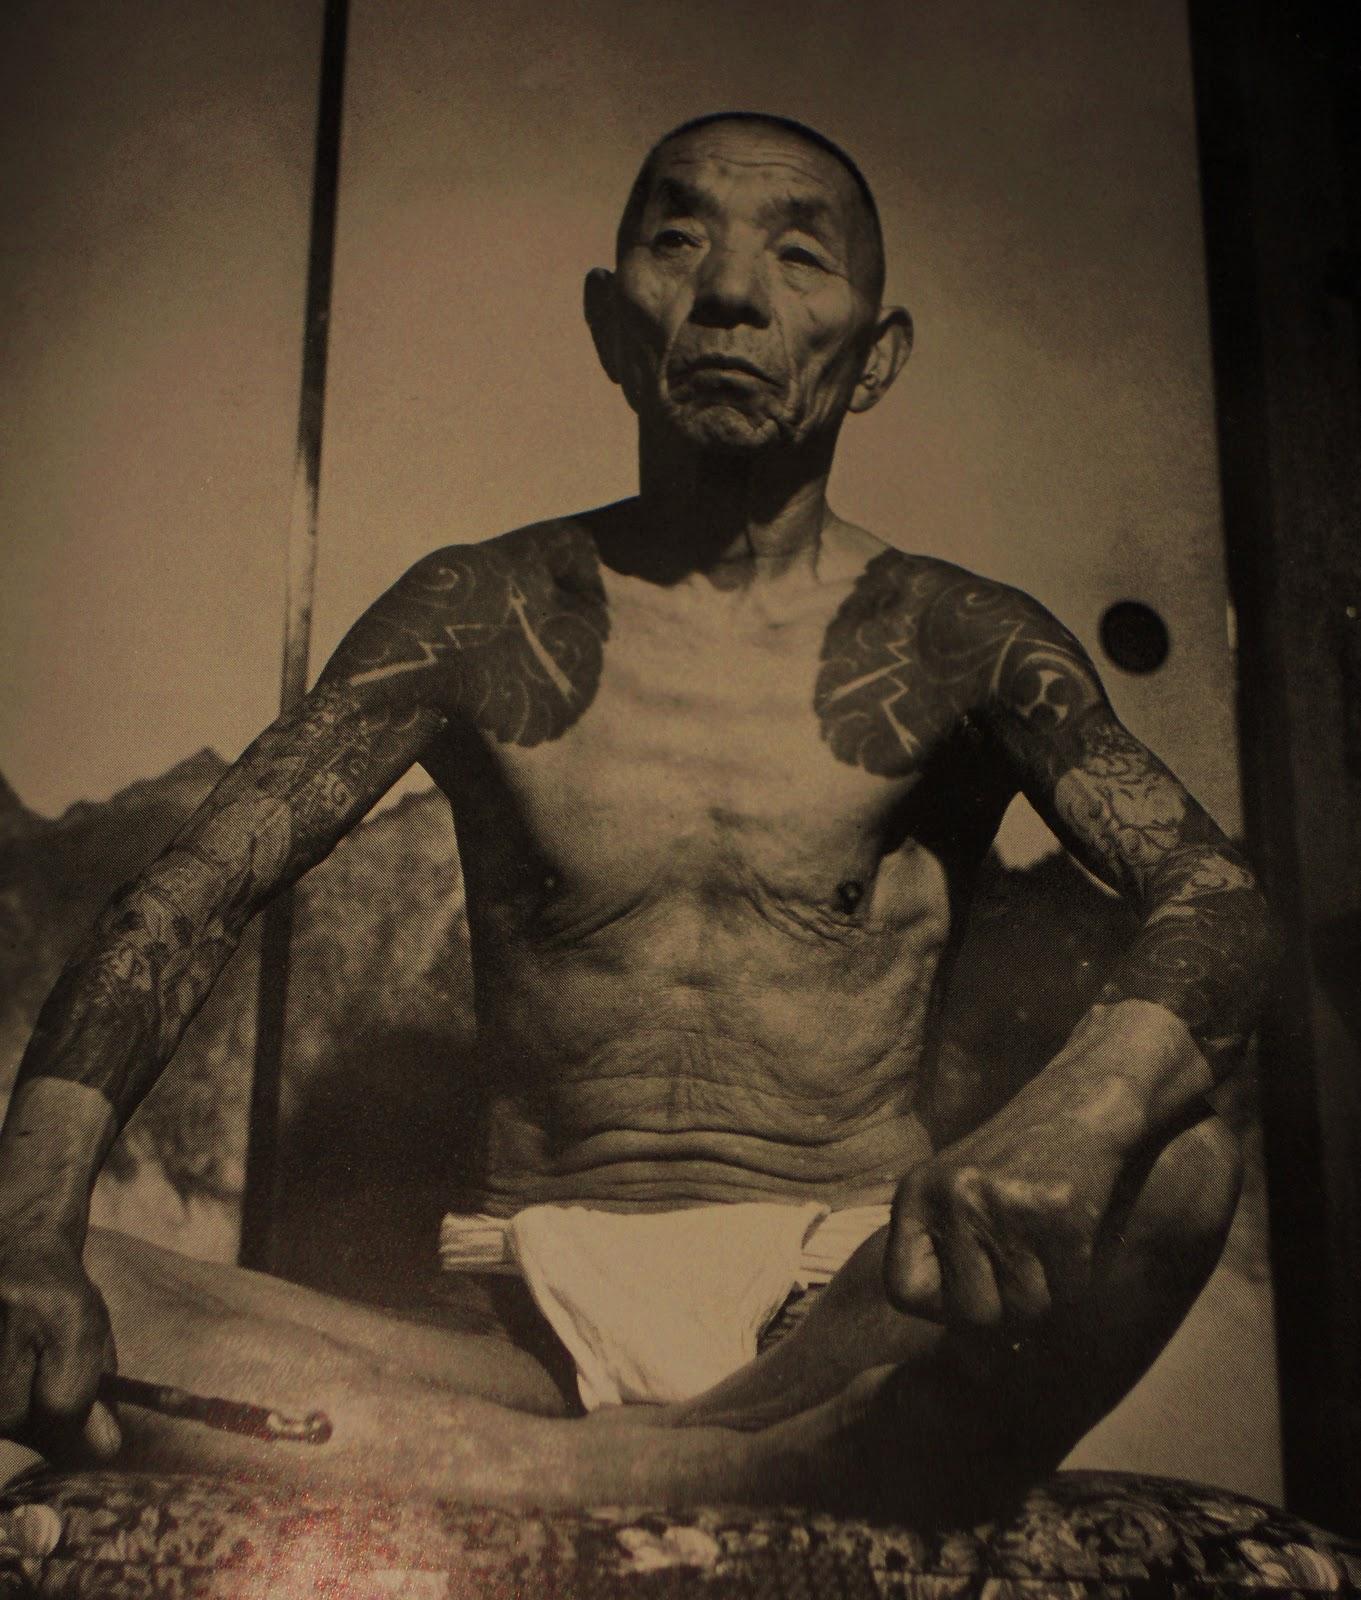 http://2.bp.blogspot.com/-Jng9drY7nBA/T0DJV0m28dI/AAAAAAAABZQ/amvPuCZeFTQ/s1600/tattoo+world+h%C3%B6%C3%B6r+tony+paukku+irezumi.JPG